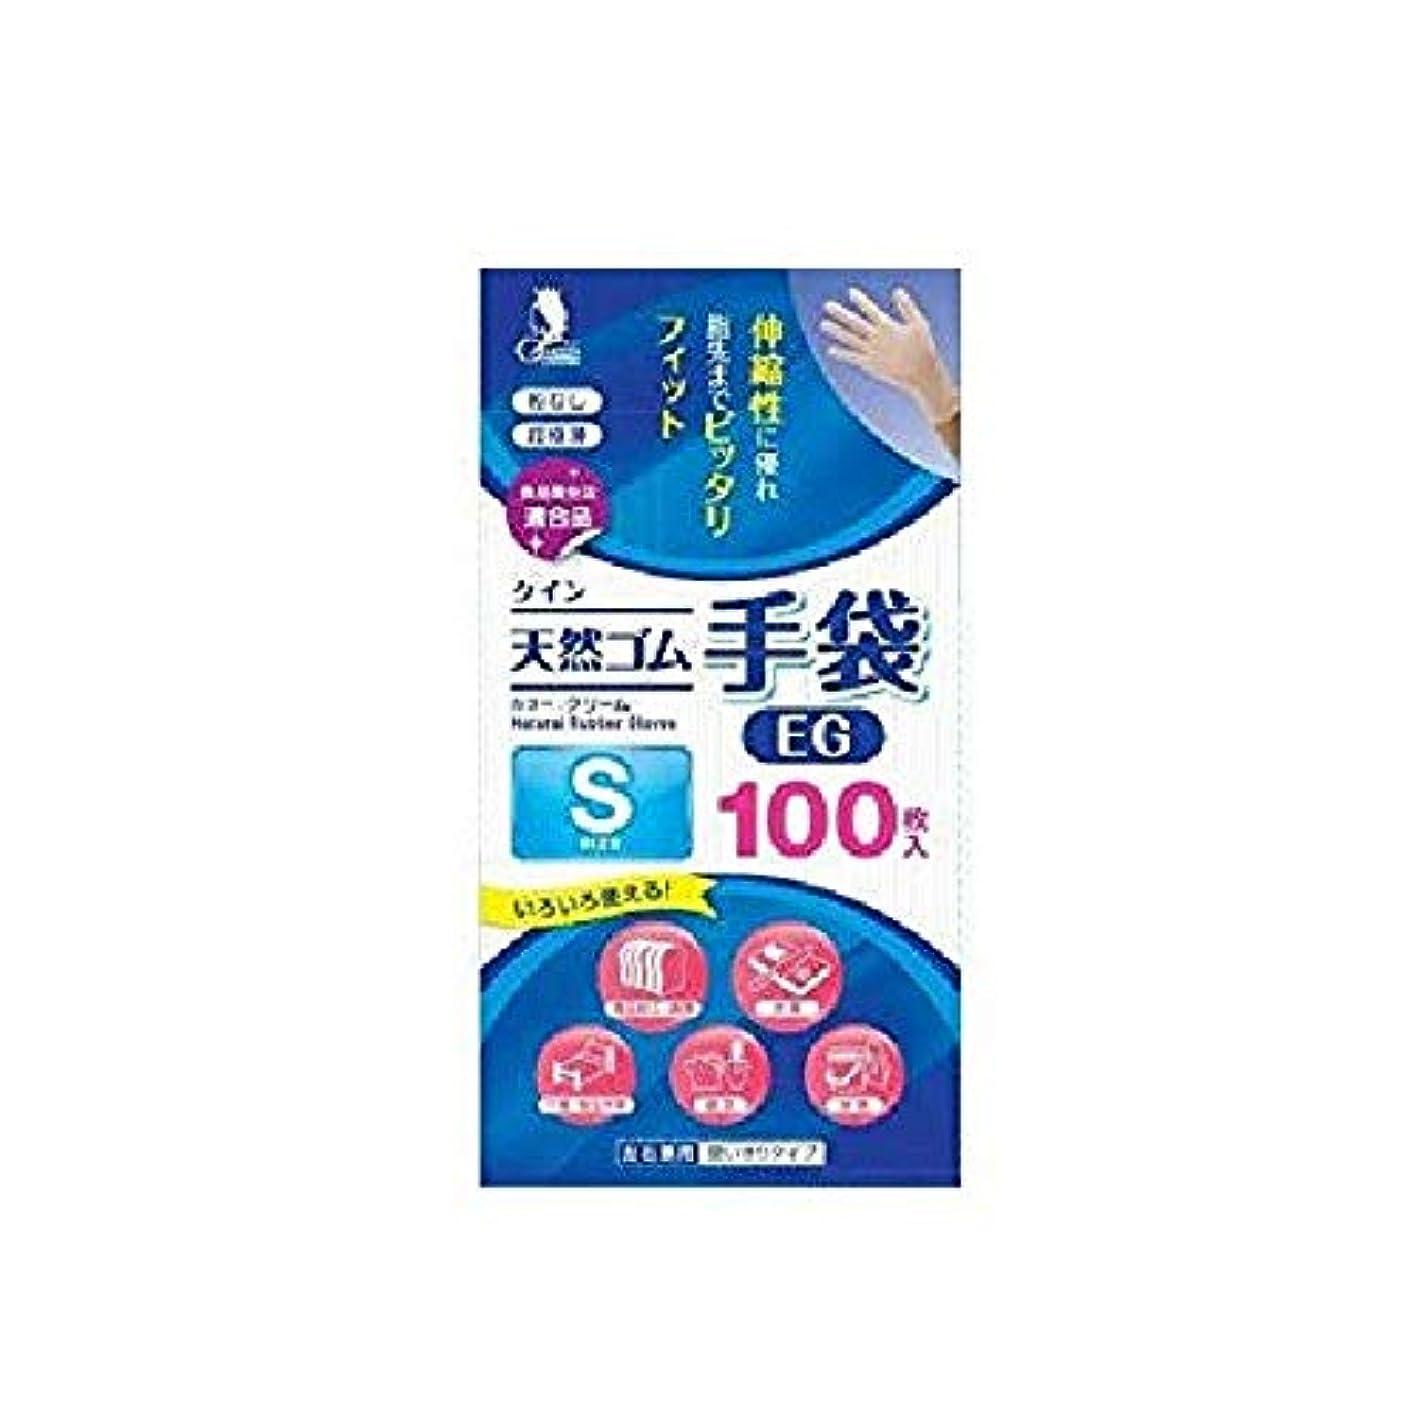 解明するレンダリングイライラする宇都宮製作 クイン 天然ゴム手袋 EG 粉なし 100枚入 Sサイズ